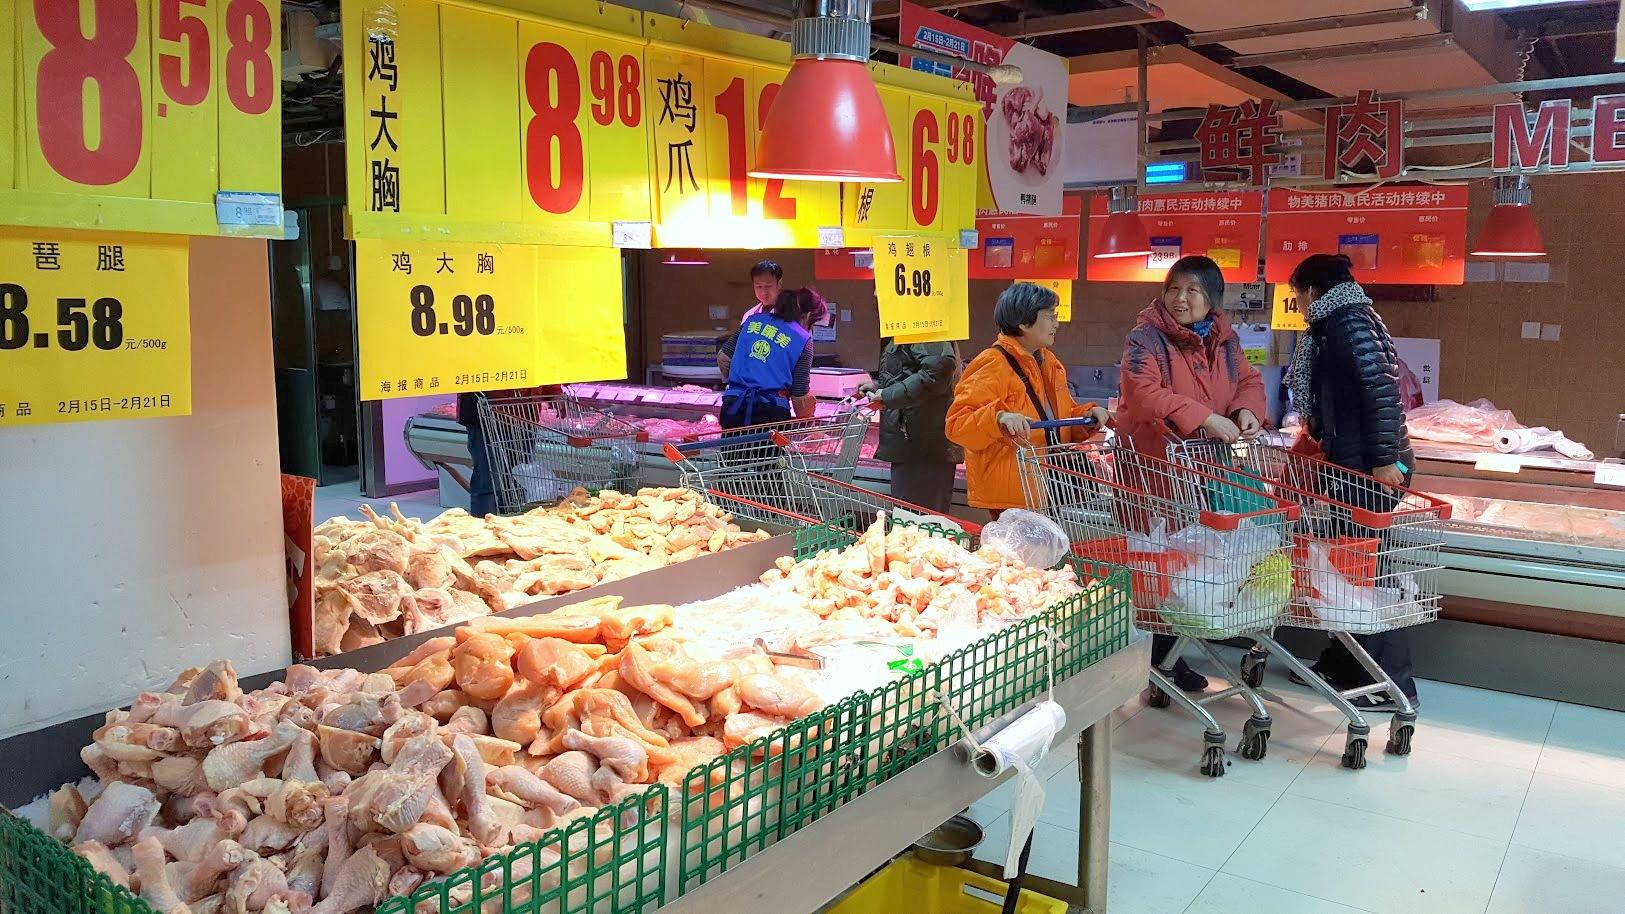 Peking_ruokakauppa ostokset tuliaiset